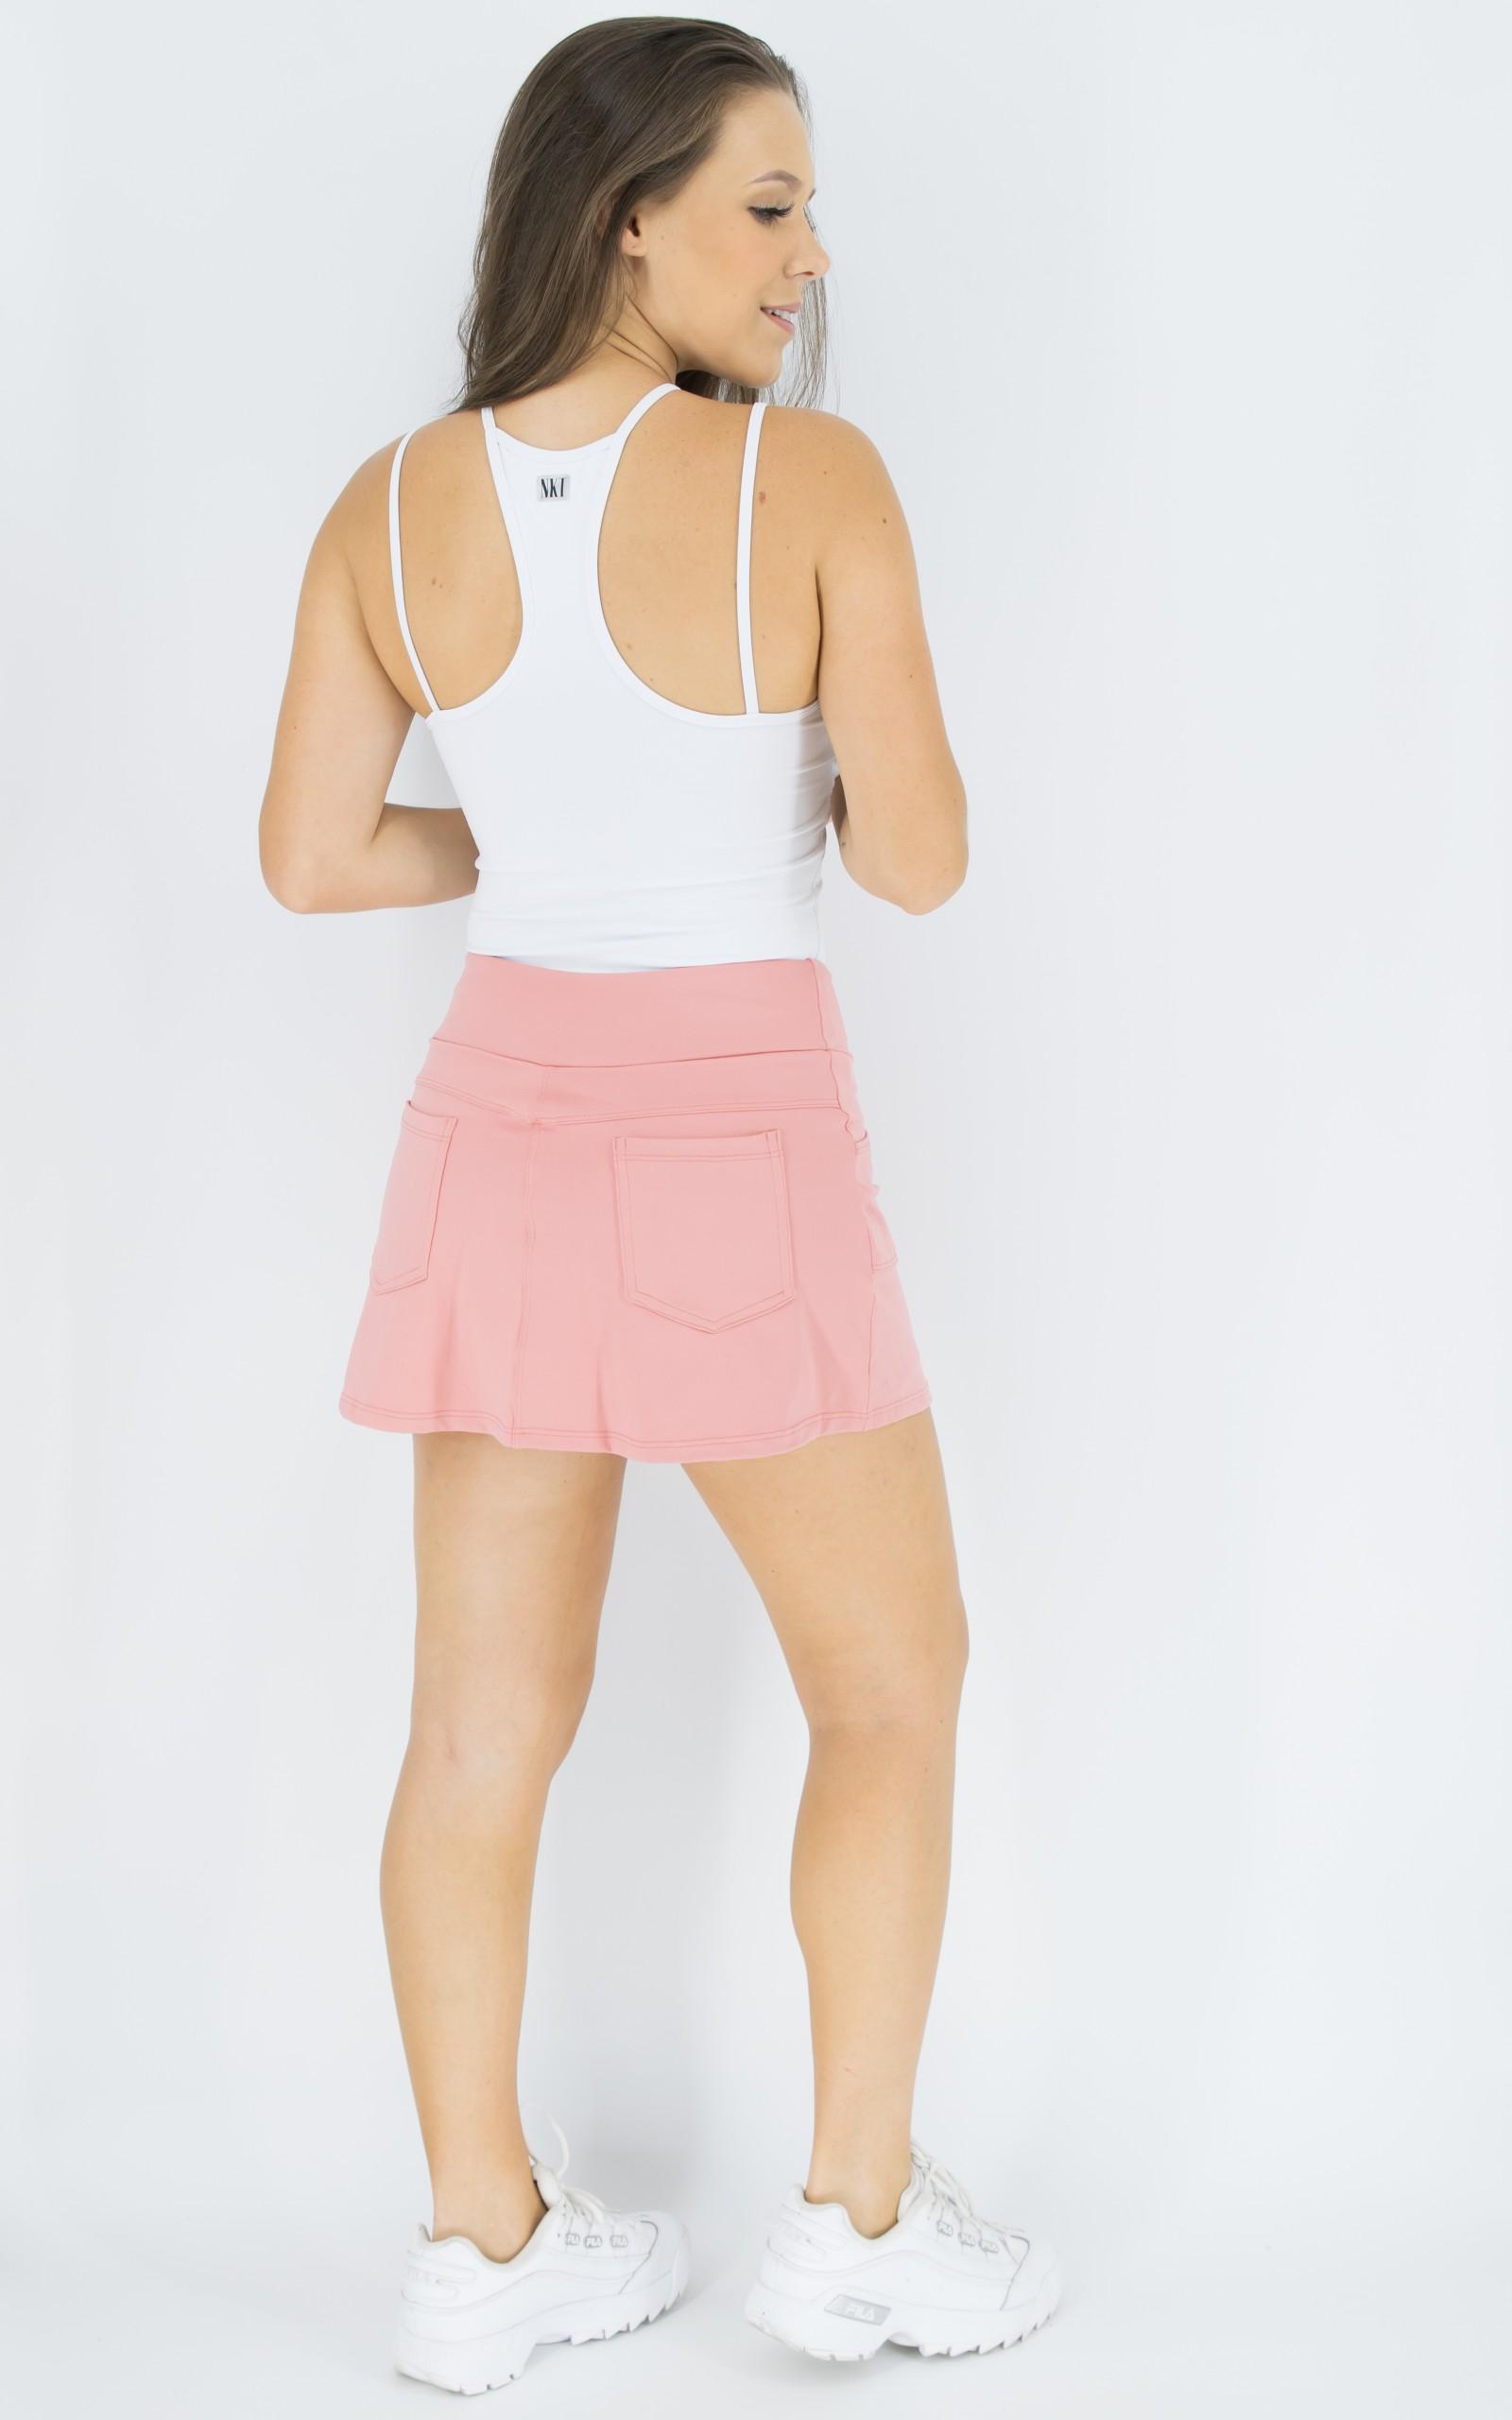 Saia Shorts Fluky Rosa, Coleção Move Your Body - NKT Fitwear Moda Fitness